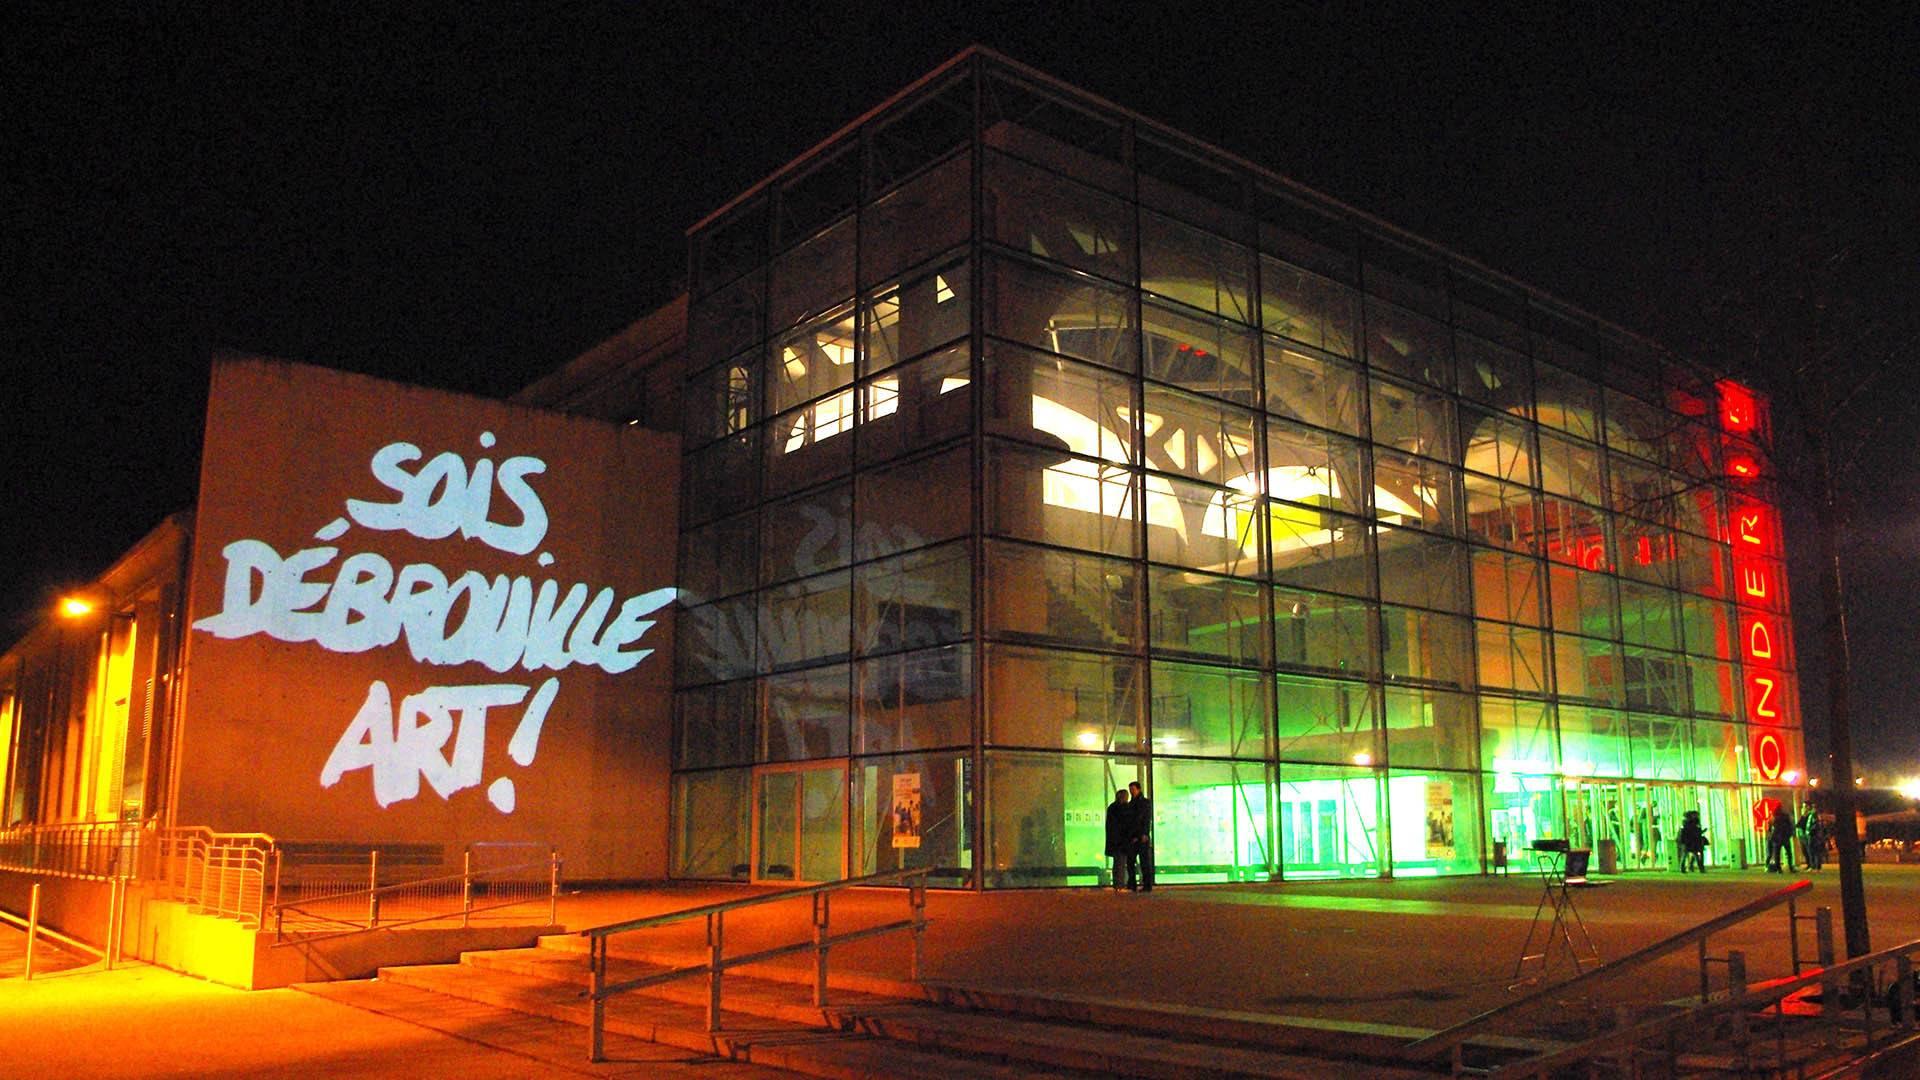 Pierre Fraenkel un poète dans la ville : projection sur le bâtiment Fonderie à Mulhouse